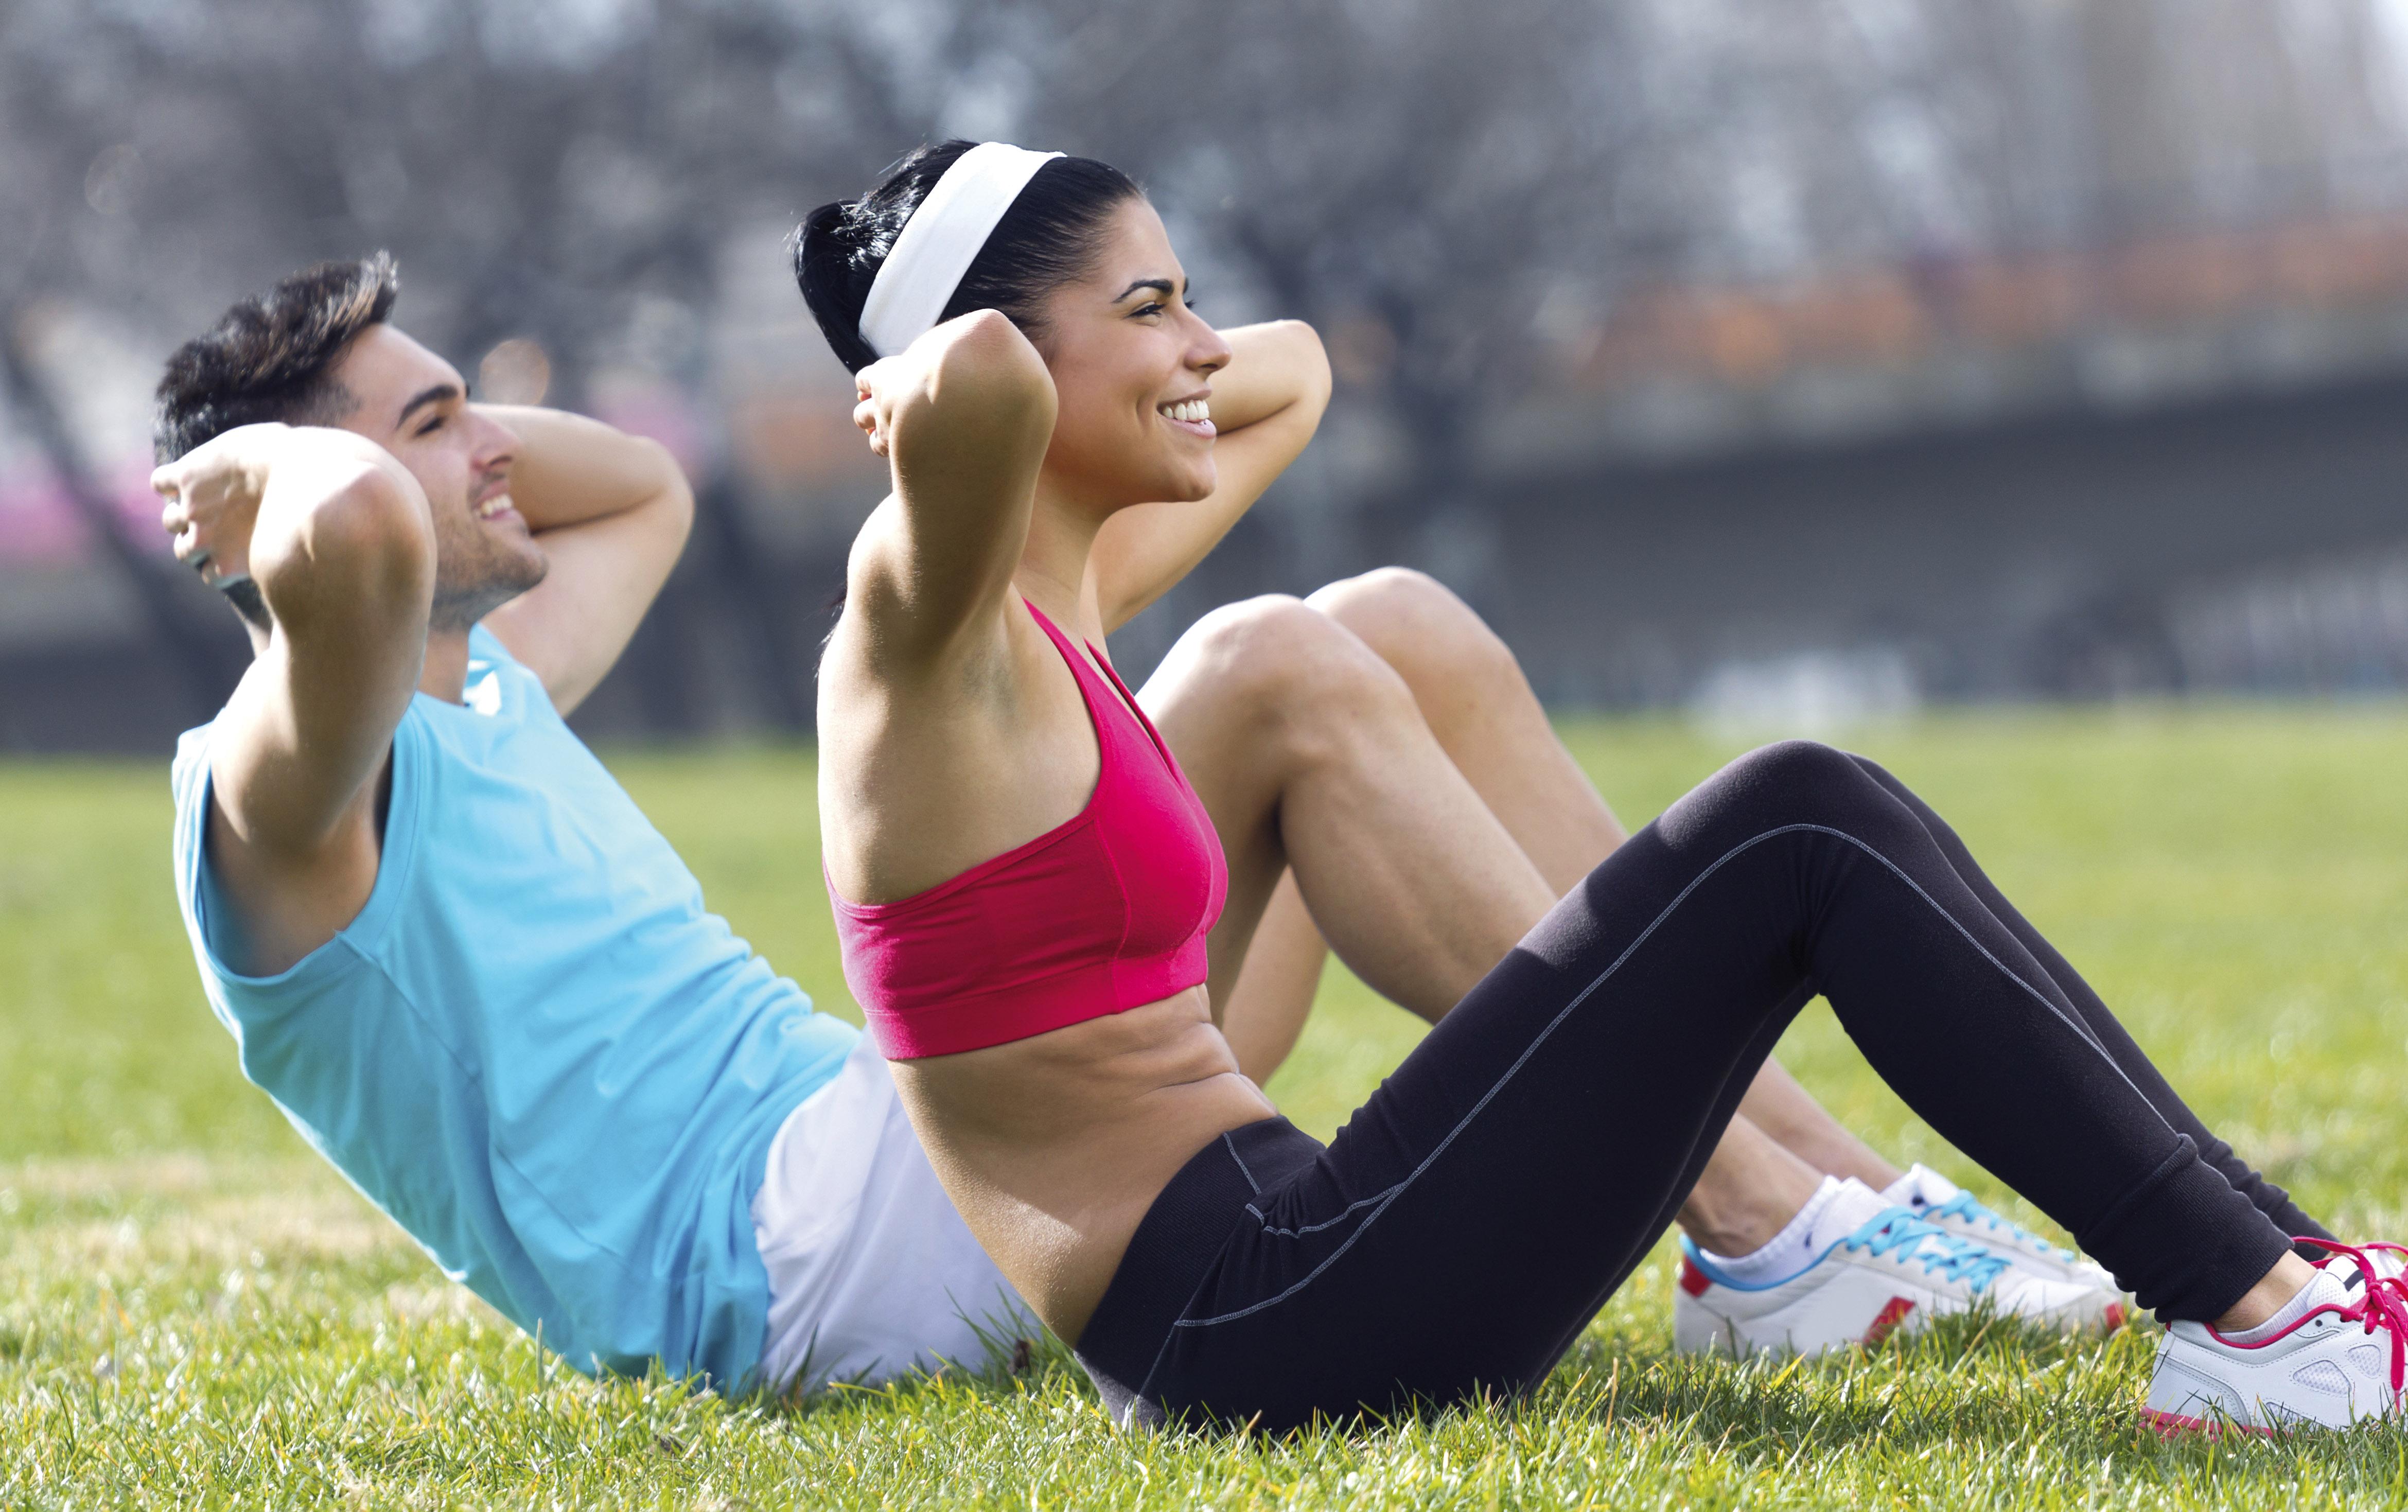 Cuanto tiempo debo hacer ejercicio para adelgazar